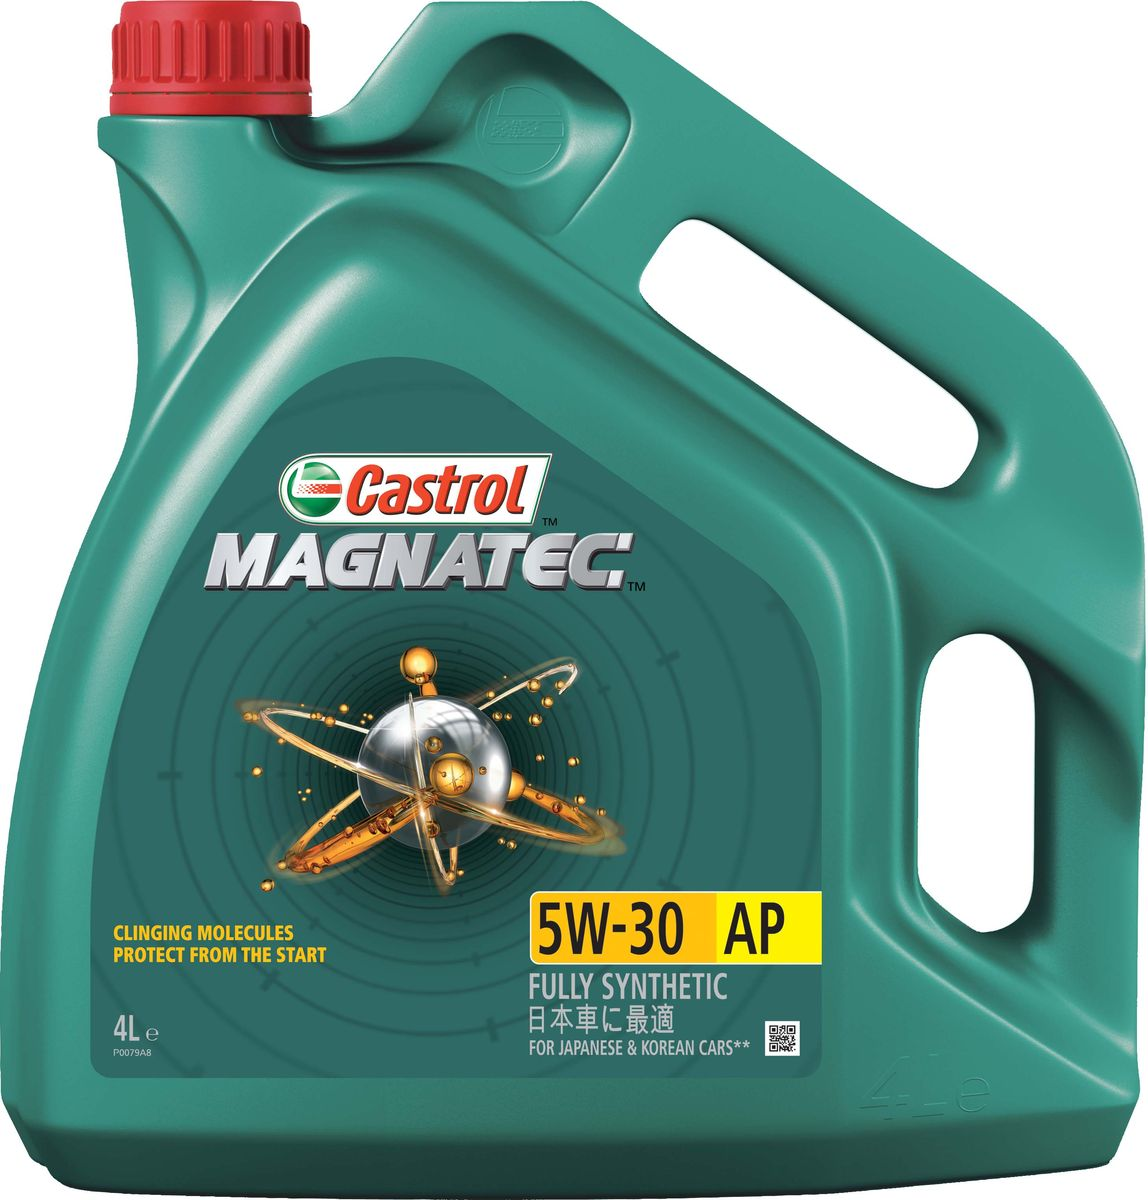 Масло моторное Castrol Magnatec, синтетическое, класс вязкости 5W-30, AP, 4 л790009До 75% износа двигателя происходит во время его пуска и прогрева. Когда двигатель выключен, обычное масло стекает в поддон картера, оставляя важнейшие детали двигателя незащищенными. Молекулы Castrol Magnatec подобно магниту притягиваются к деталям двигателя и образуют сверхпрочную масляную пленку, обеспечивающую дополнительную защиту двигателя в период пуска, когда риск возникновения износа существенно возрастает. Всесезонное полностью синтетическое моторное масло Castrol Magnatec разработано специально для двигателей японских и корейских автопроизводителей.Моторное масло Castrol Magnatec подходит для применения в бензиновых двигателях, в которых производитель рекомендует использовать смазочные материалы соответствующие классу вязкости SAE 5W-30 и спецификациям API SN, ILSAC GF-5 или более ранним.Молекулы Castrol Magnatec Intelligent Molecules: - удерживаются на важнейших деталях двигателя, когда обычное масло стекает в поддон картера;- притягиваются к деталям двигателя, образуя устойчивый защитный слой, сохраняющийся с первой секунды работы двигателя вплоть до следующего пуска;- сцепляются с металлическими поверхностями деталей двигателя, делая их более устойчивыми к изнашиванию;- в сочетании с синтетической технологией обеспечивают повышенную защиту при высоко- и низкотемпературных режимах работы двигателя;- обеспечивают постоянную защиту в любых условиях эксплуатации, при различных стилях вождения и в широком диапазоне температур.Castrol Magnatec проявляет отличные эксплуатационные характеристики в экстремальных условиях холодного пуска.Спецификации.API SN,ILSAC GF-5.Товар сертифицирован.